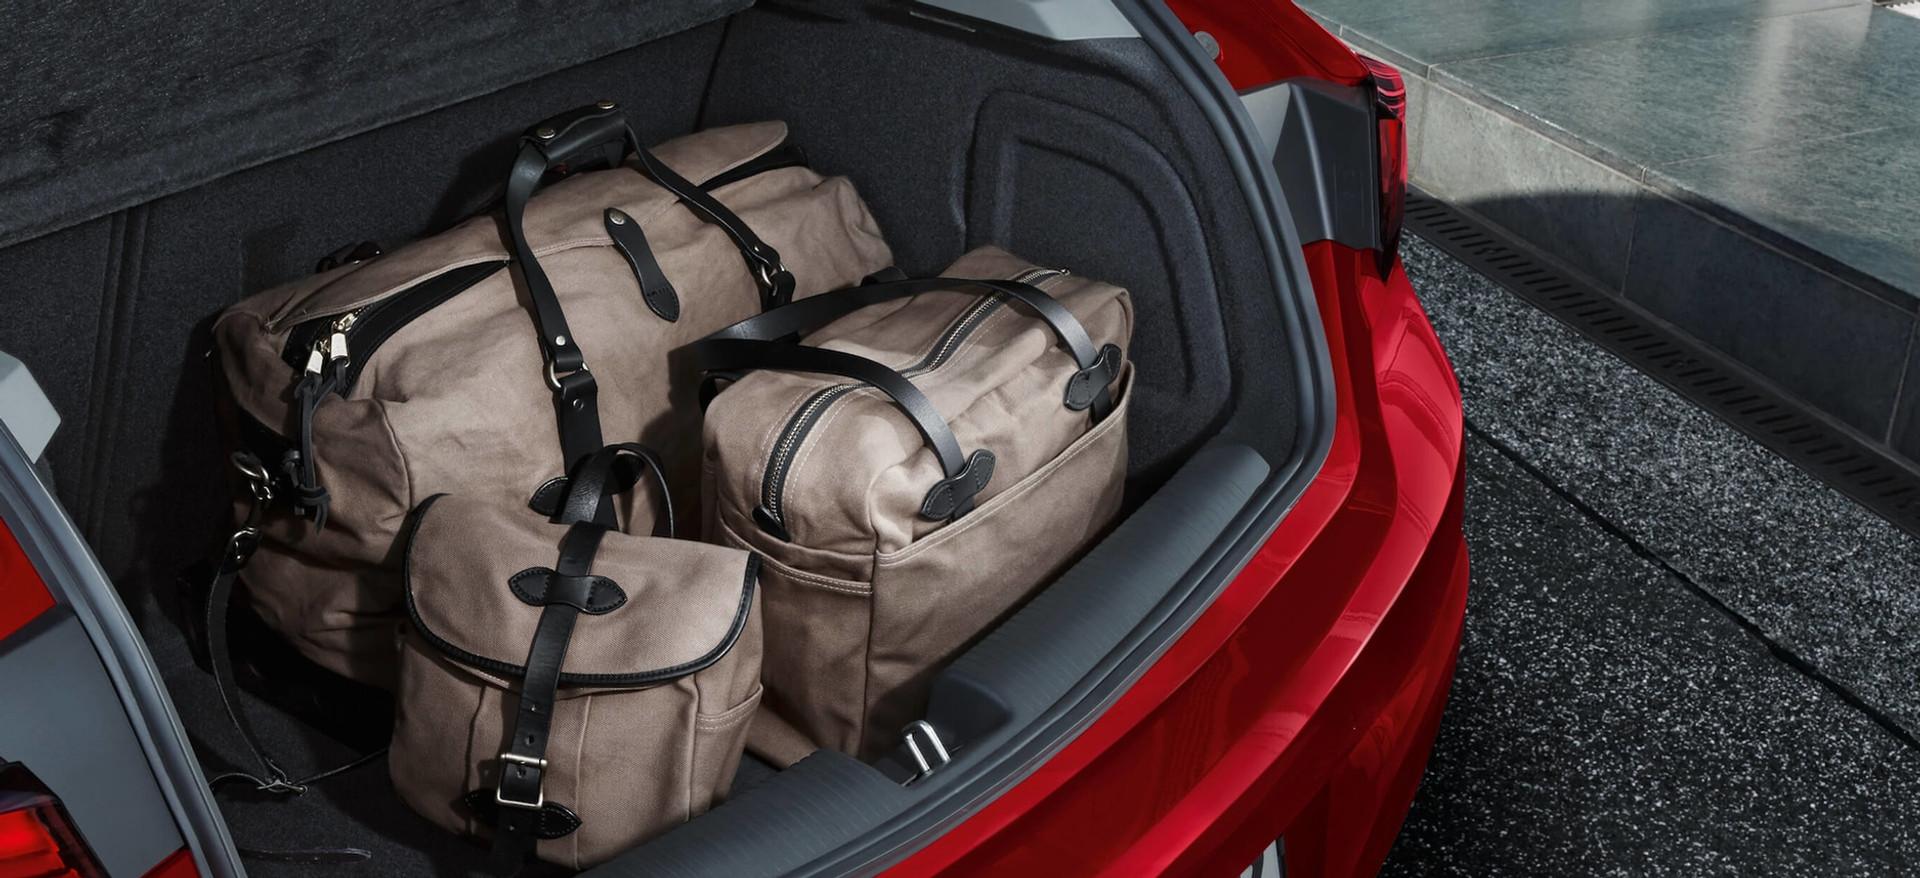 Opel_Astra_Hatchback_Storage_Space_21x9_